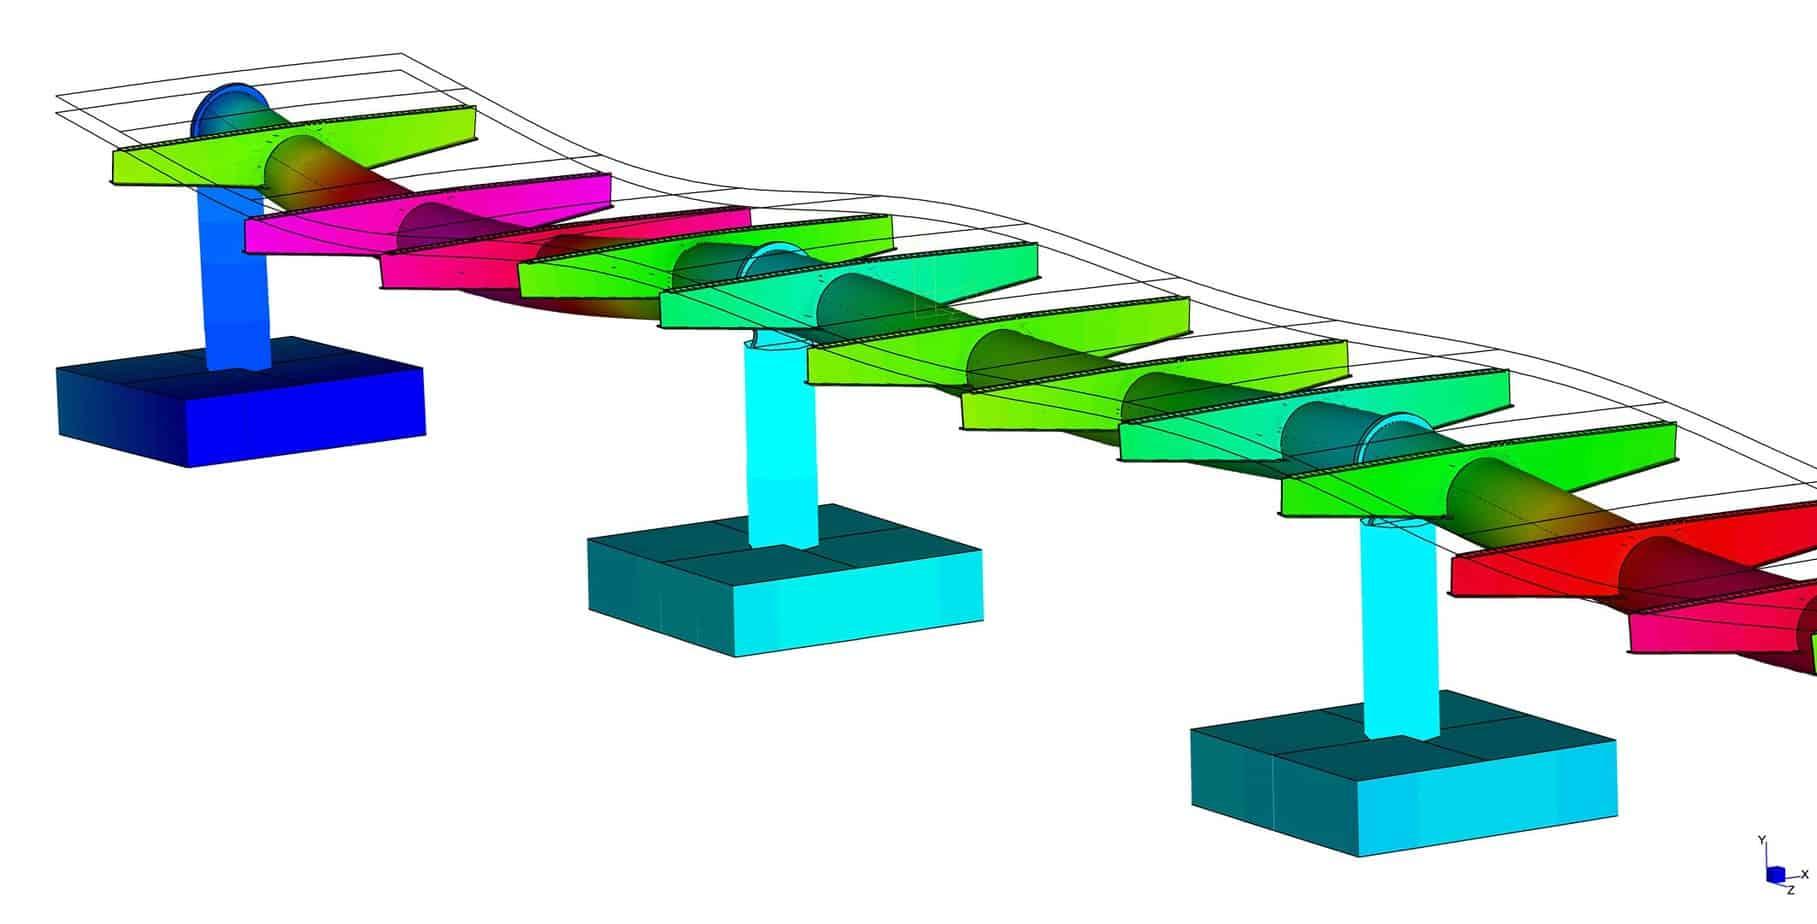 Il modello tridimensionale della passerella